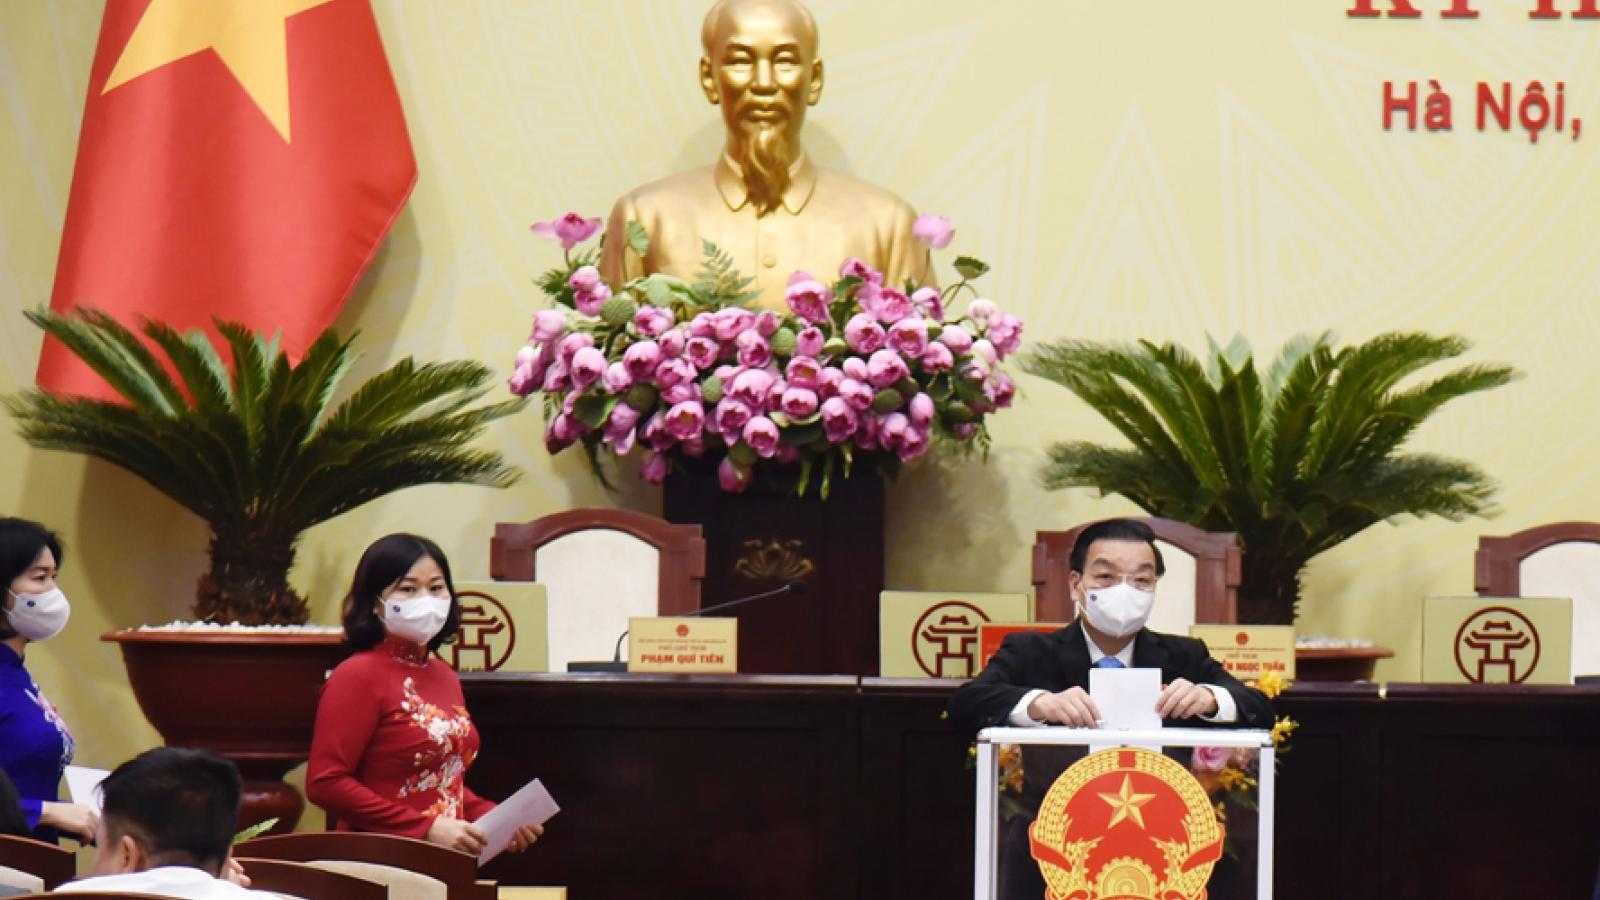 Ông Chu Ngọc Anh tái đắc cử Chủ tịch UBND TP Hà Nội nhiệm kỳ 2021-2026